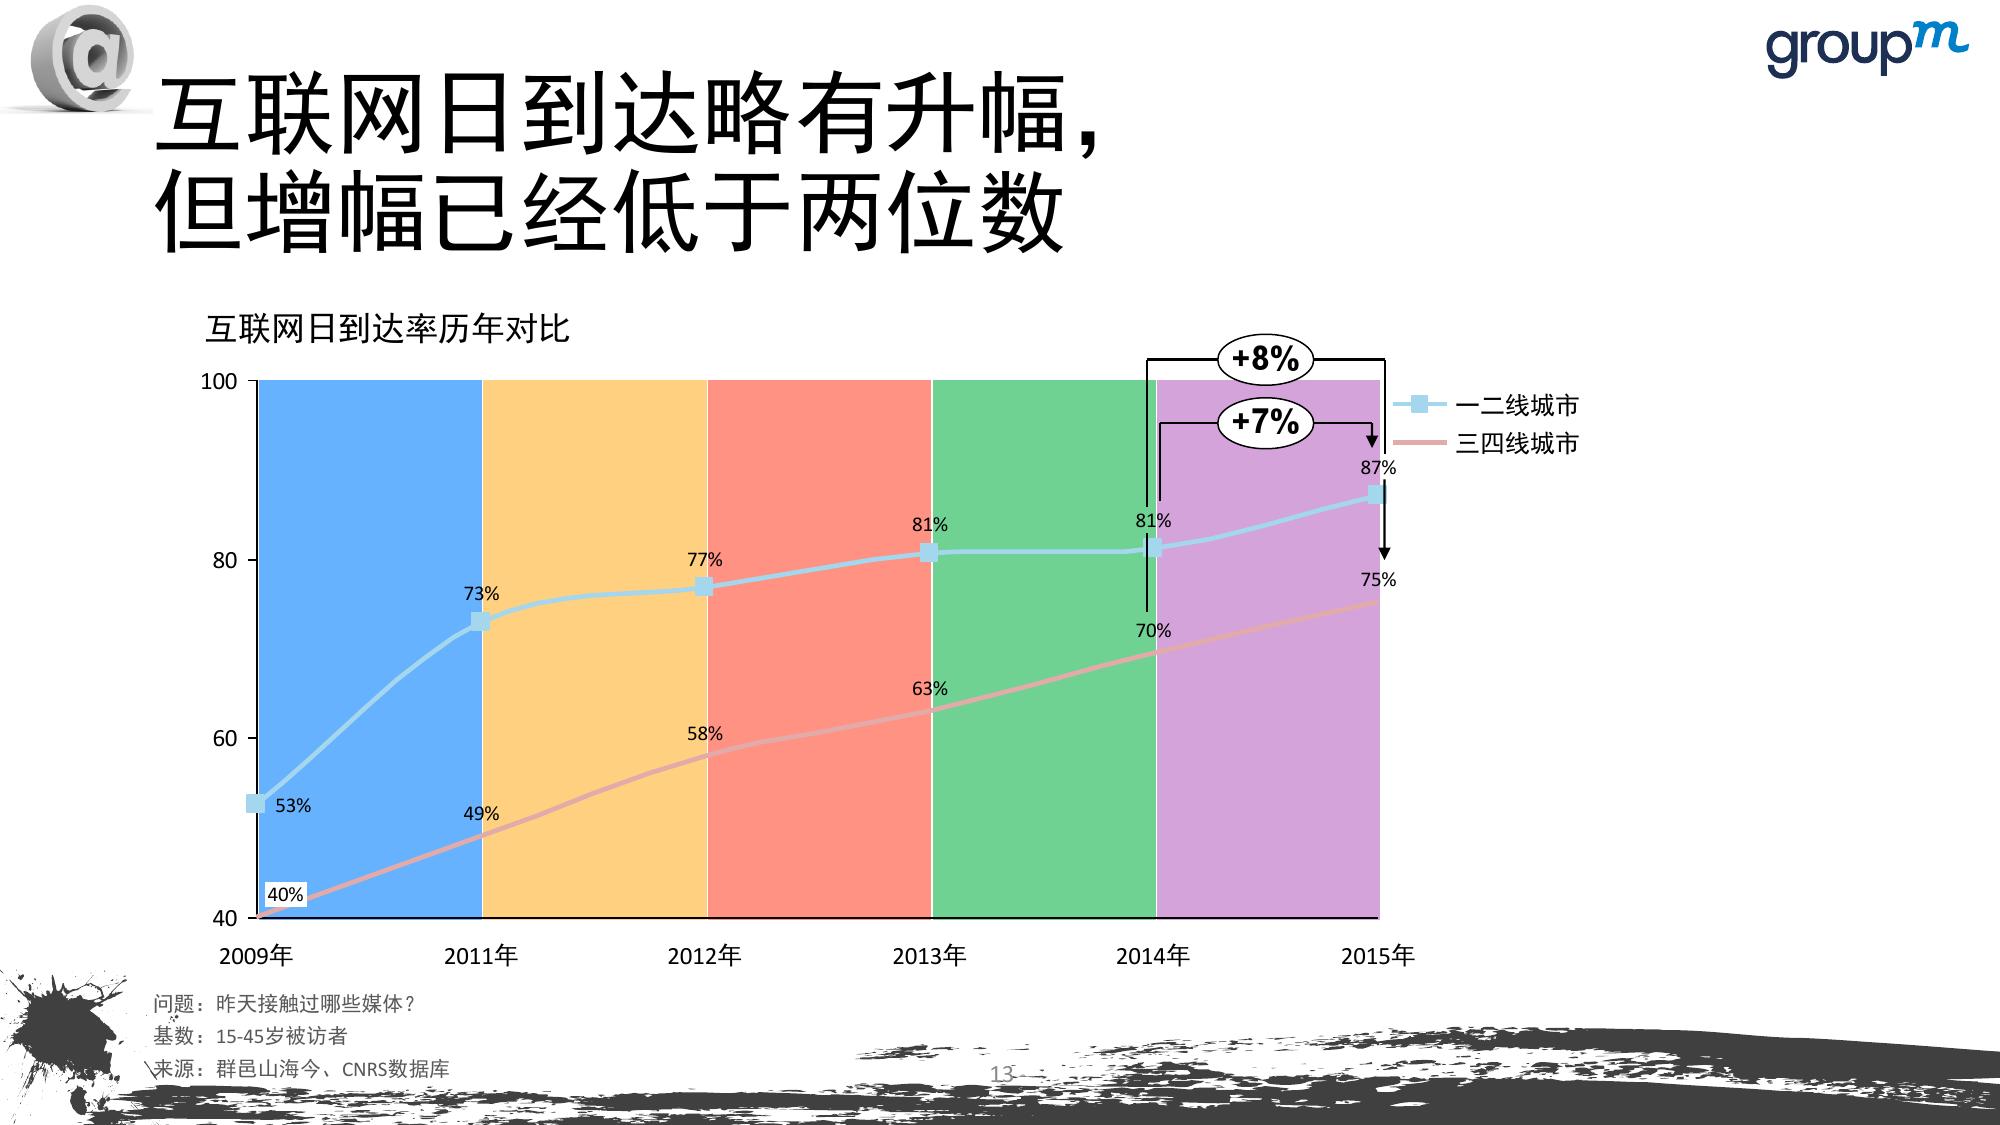 山海今2015中国媒介趋势报告_000013